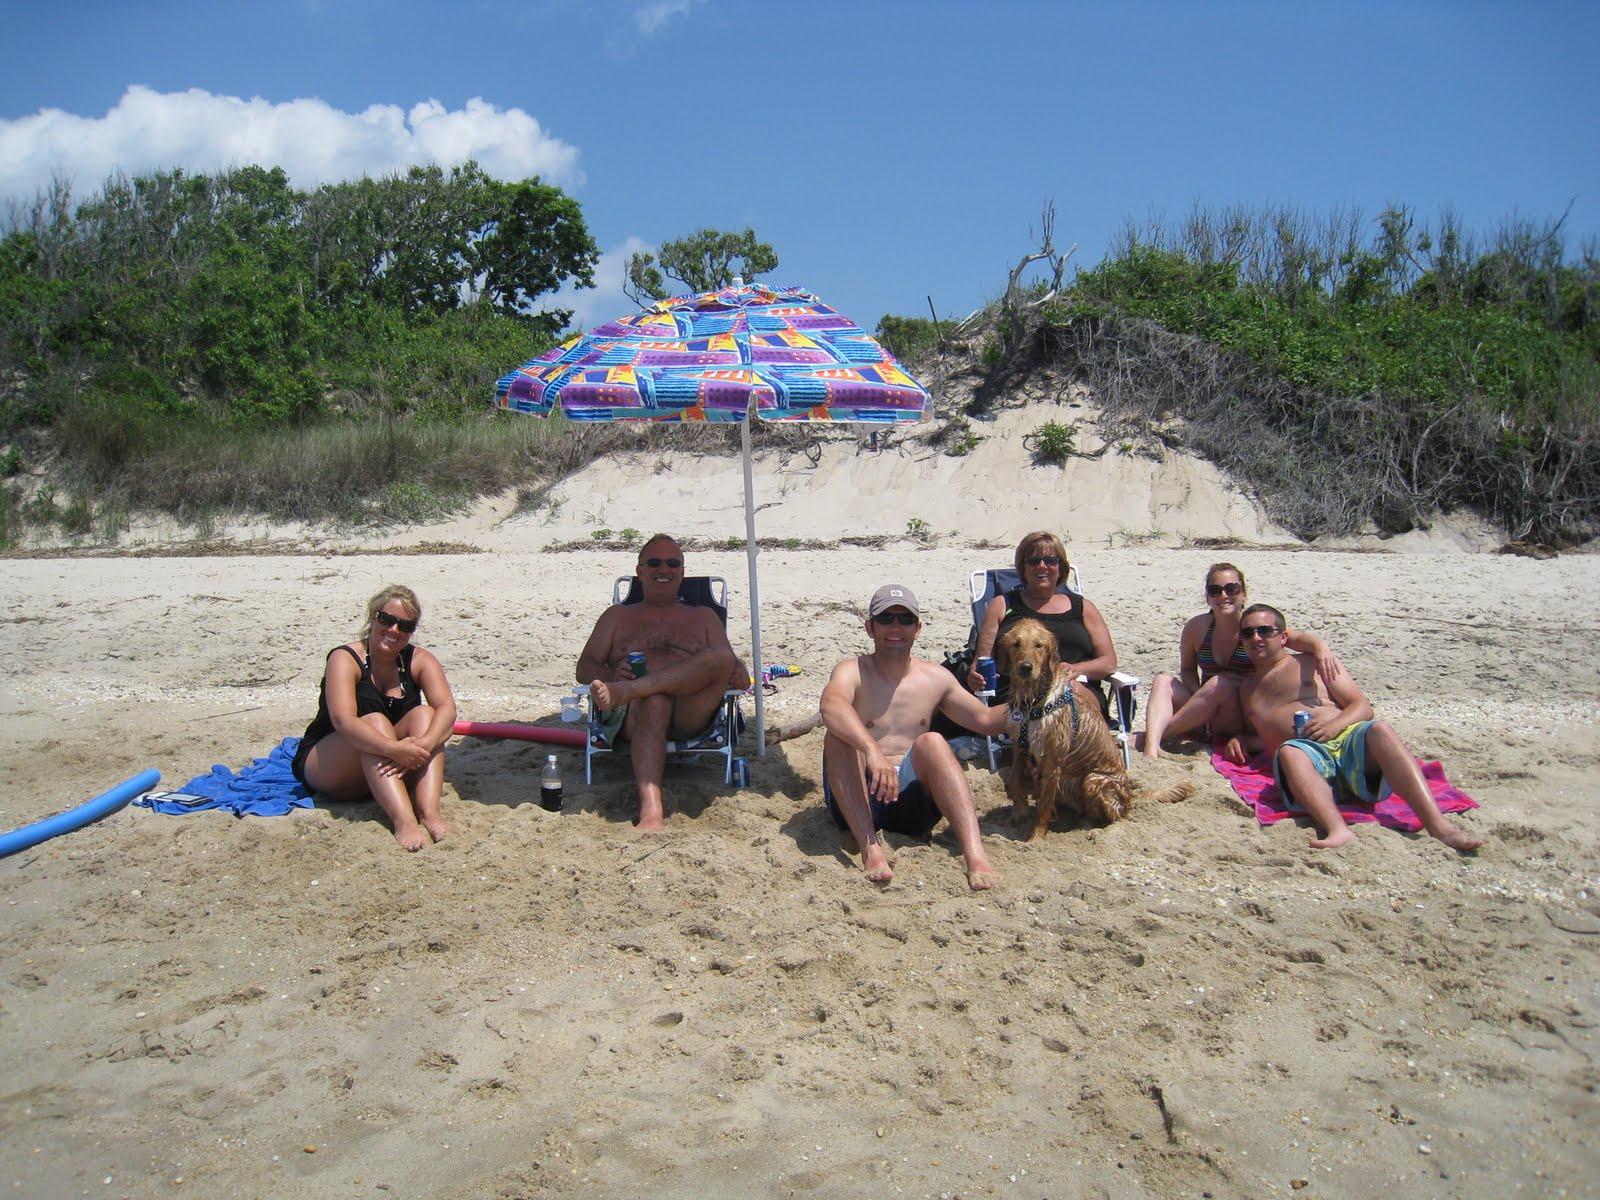 Group nude beach Yahoo är